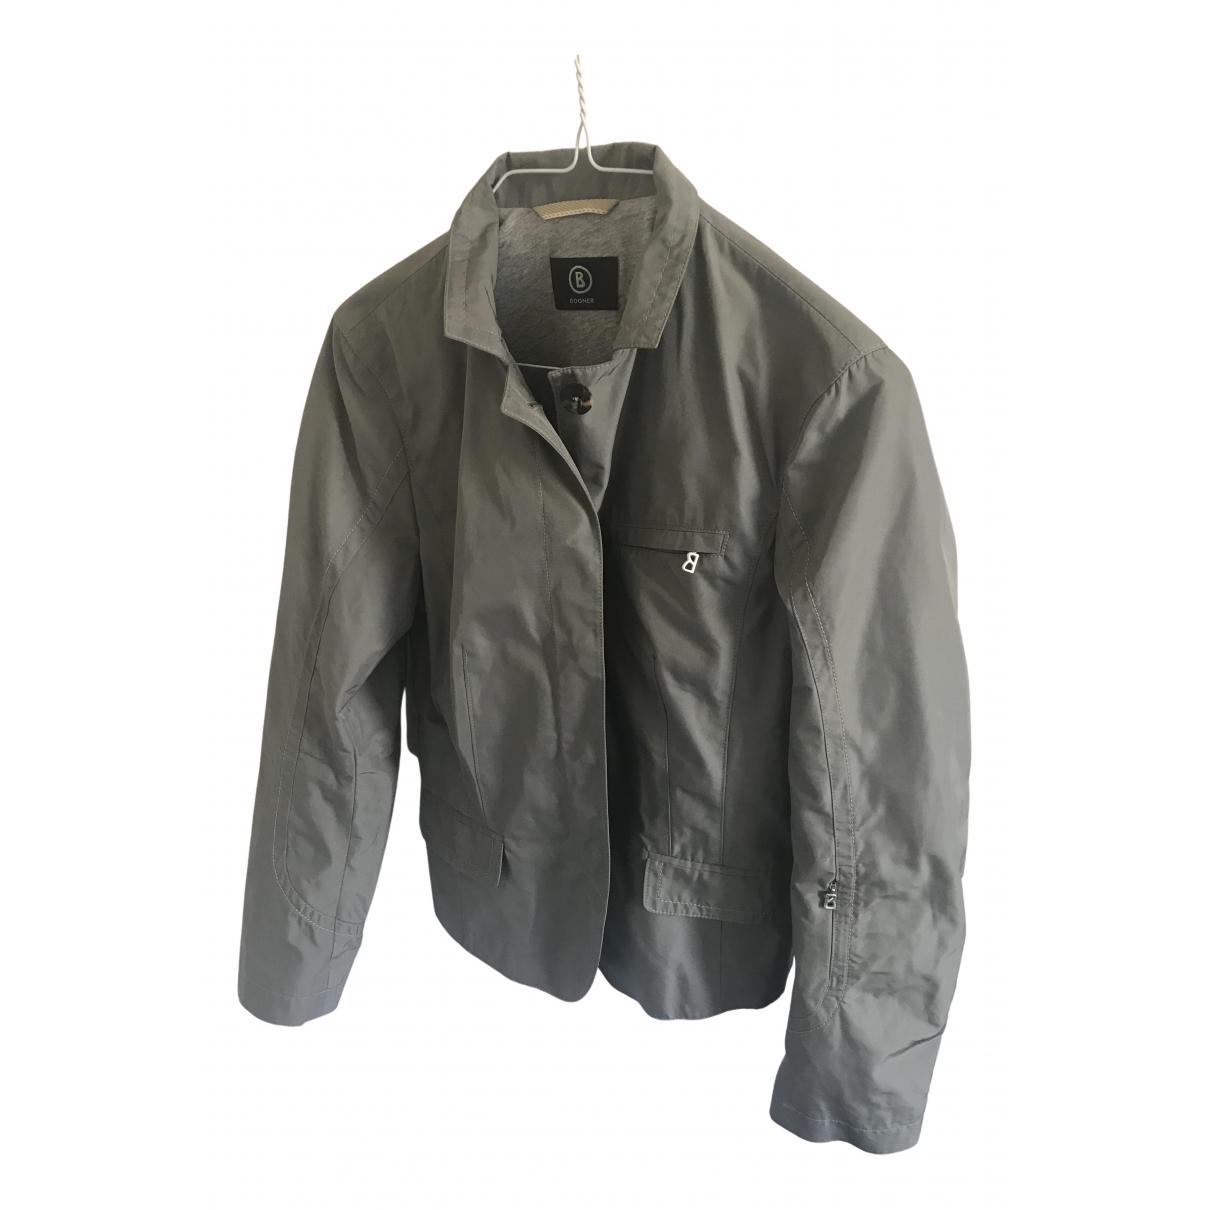 Bogner \N Jacke in  Grau Polyester